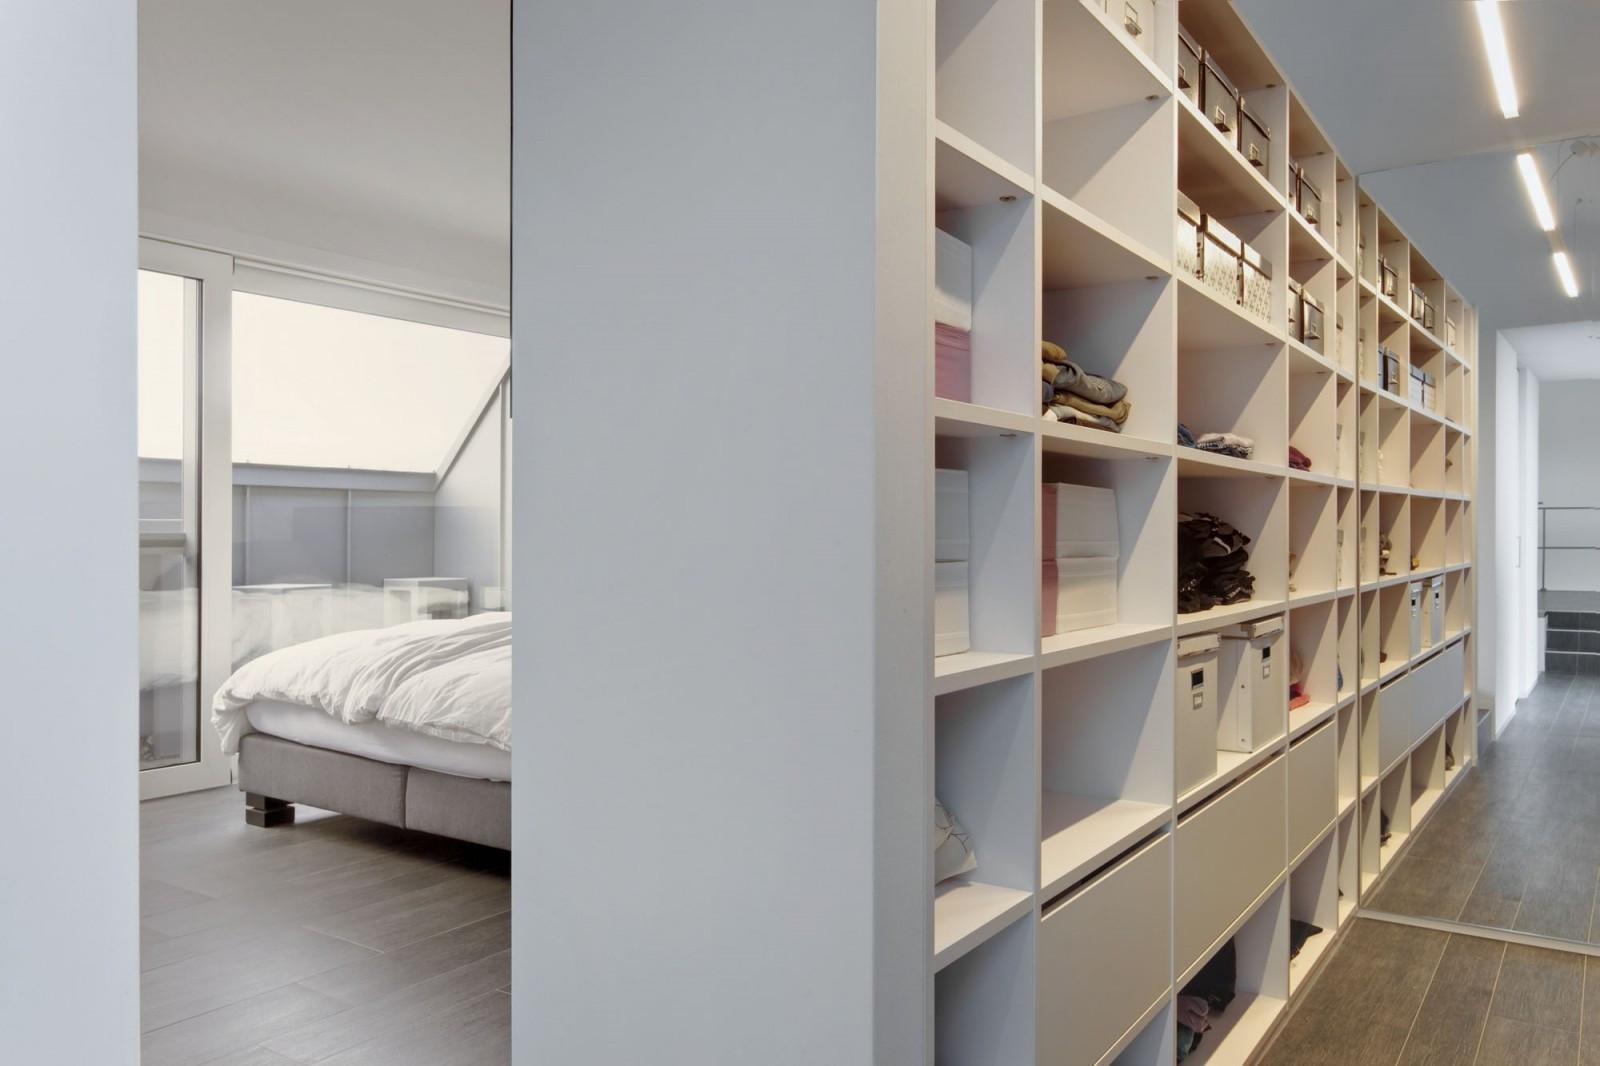 Scheidingswand Voor Slaapkamer : Scheidingswanden tussen badkamer en slaapkamer ~ beste ideen over